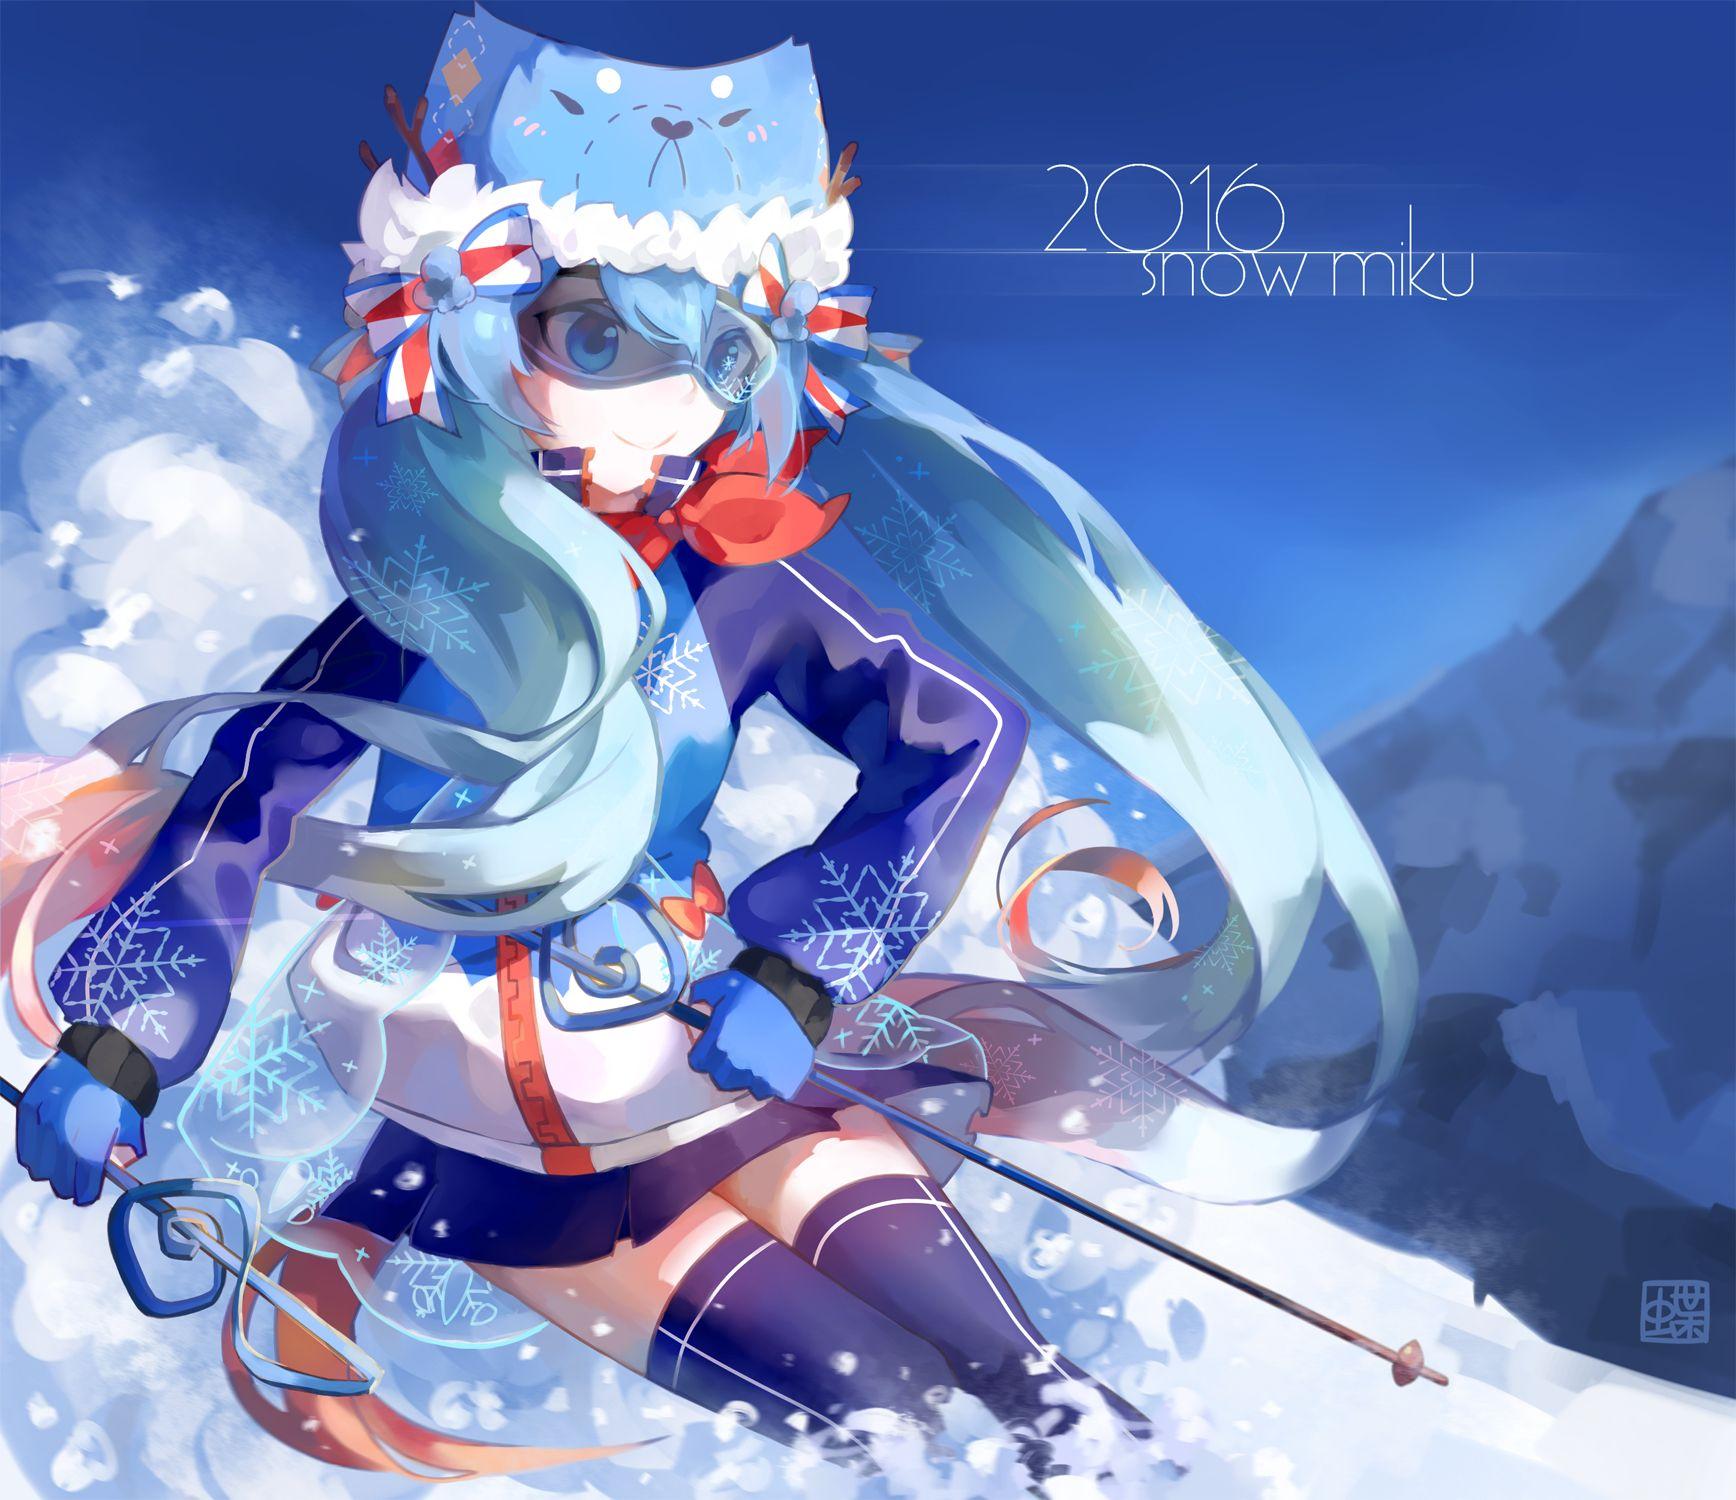 Snow Miku 2016 Hatsune miku, Miku, Vocaloid